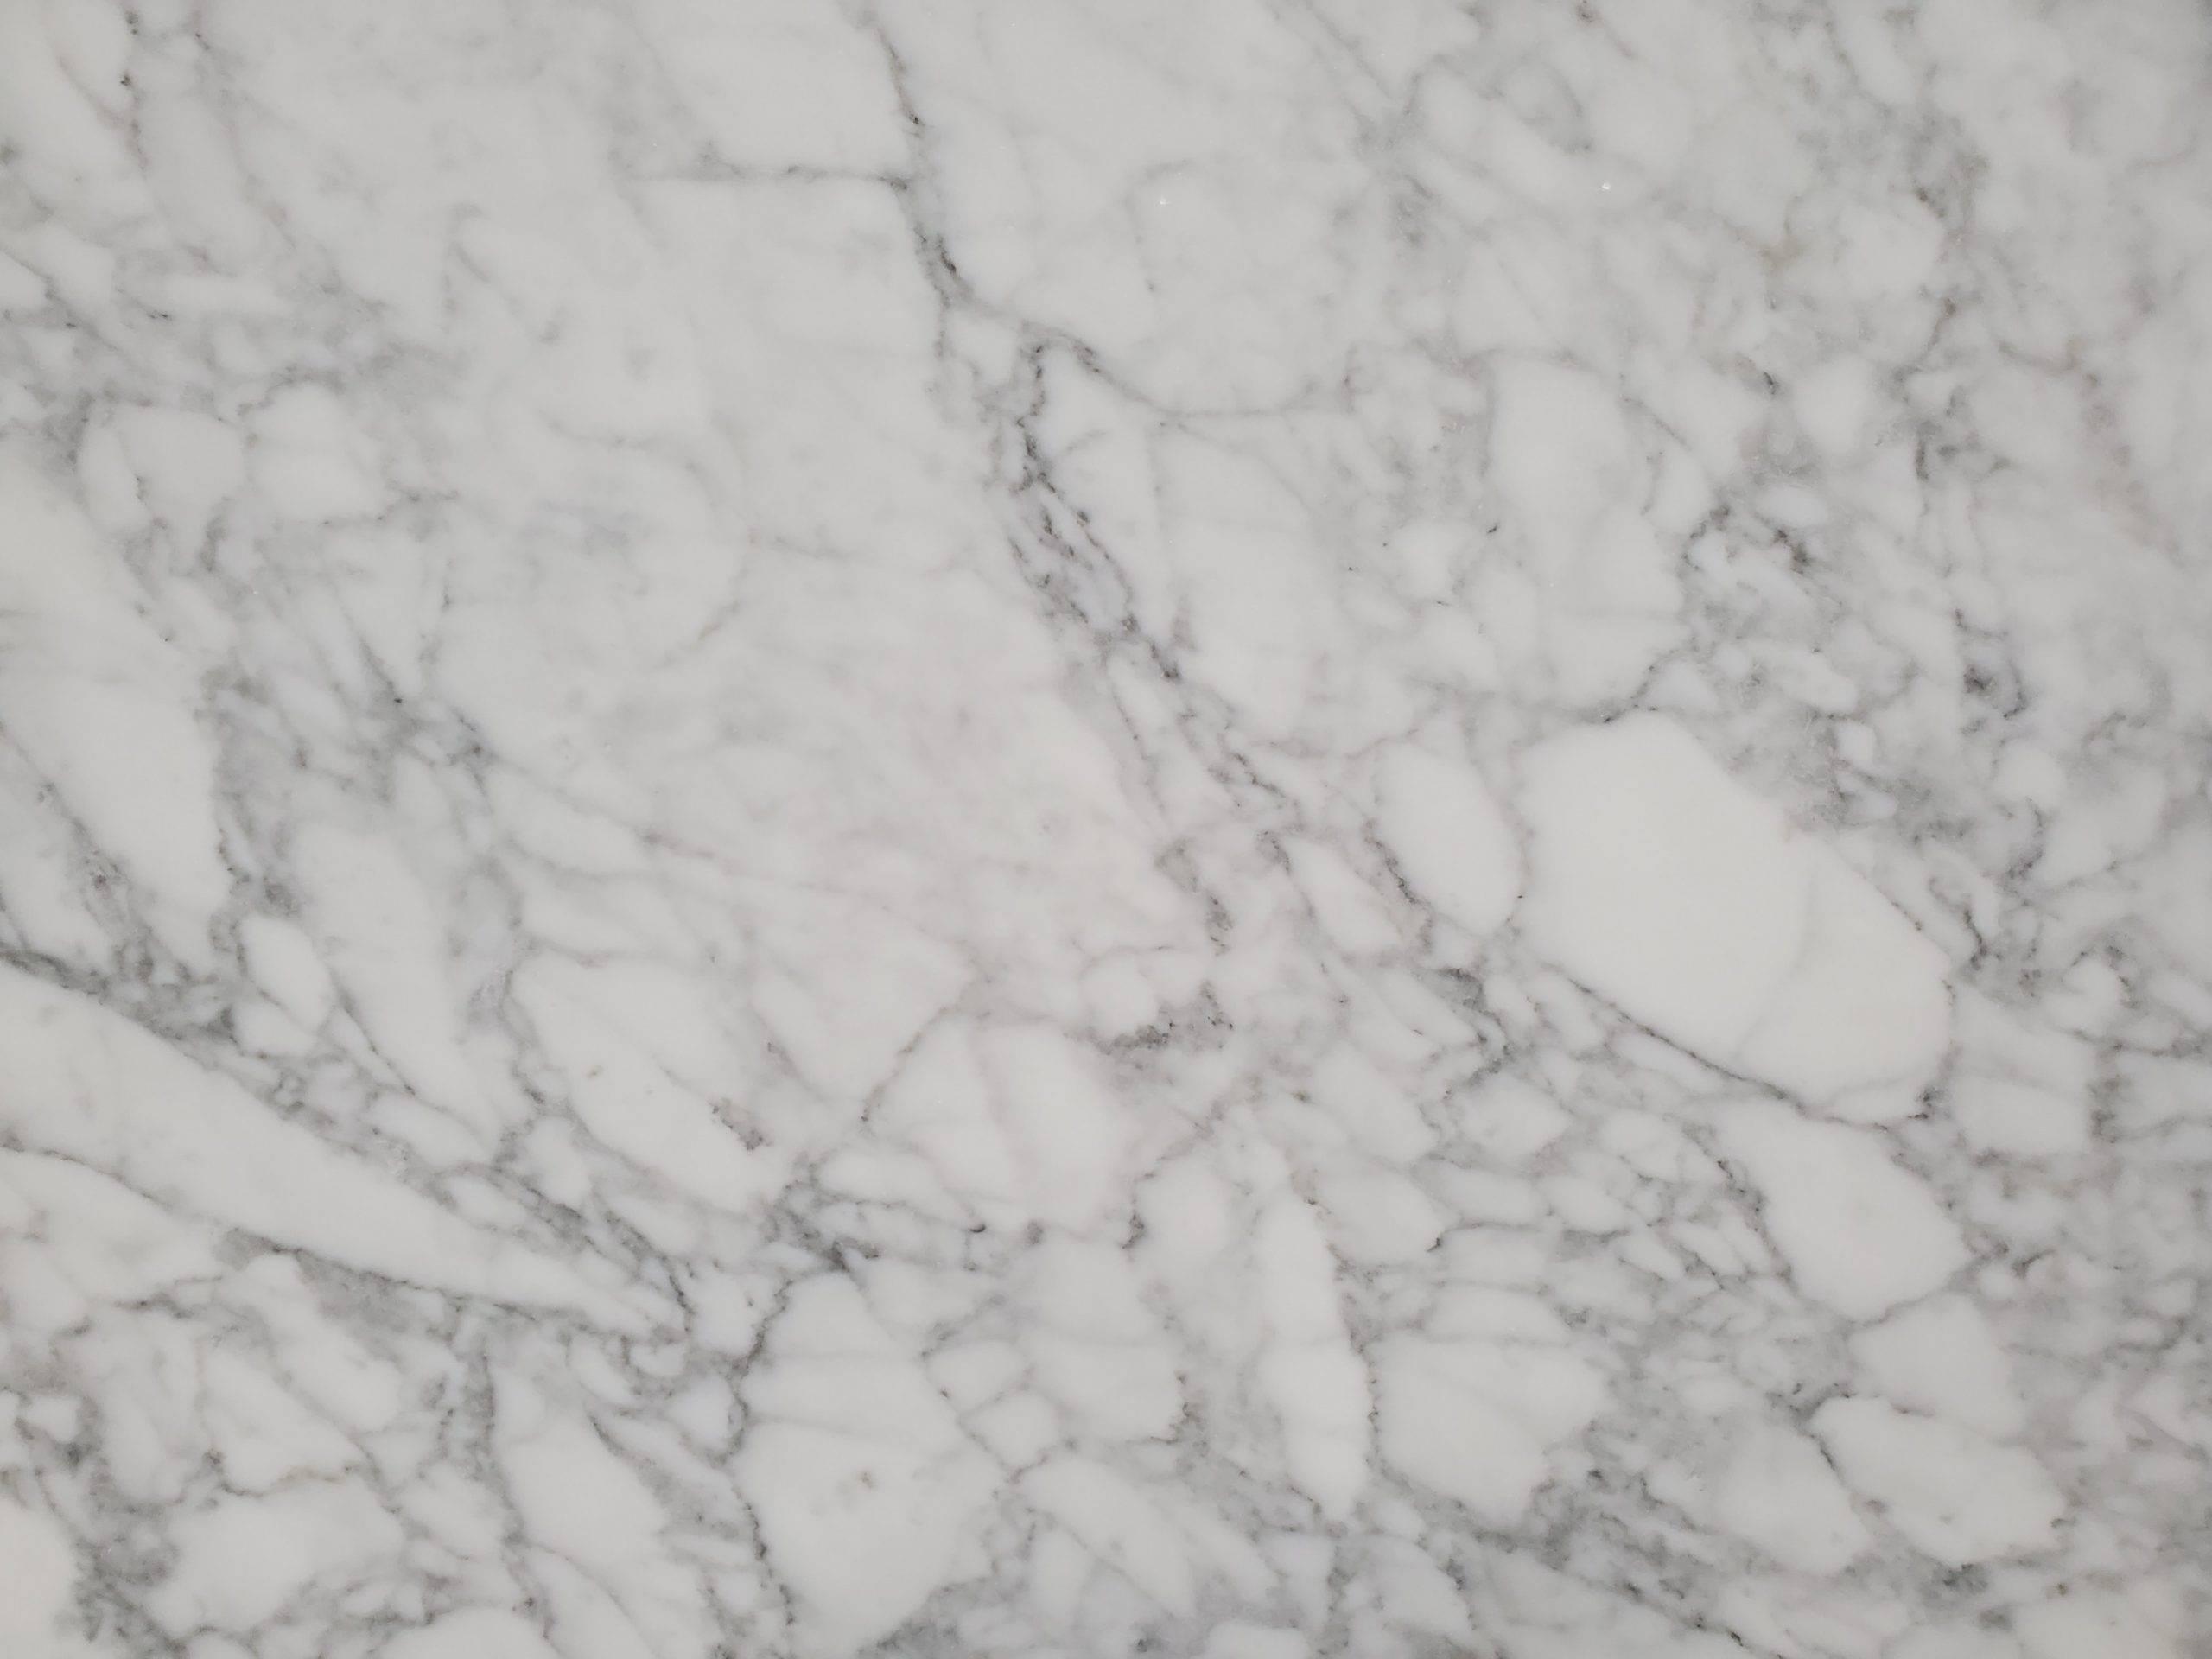 20200403 162029 Scaled, Primestones® Granite, Quartz, Marble